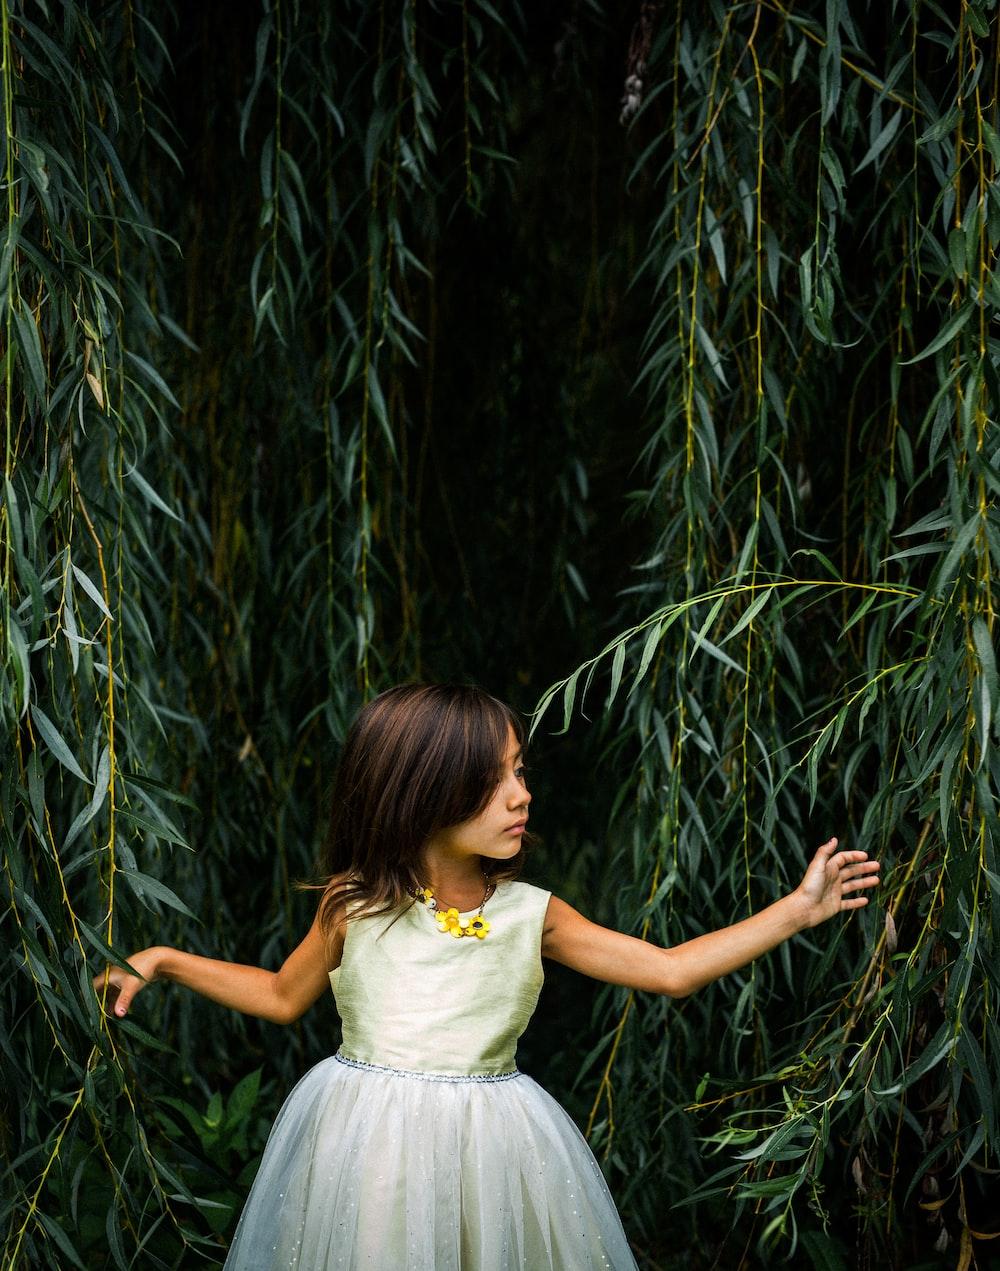 girl wearing dress standing near plants